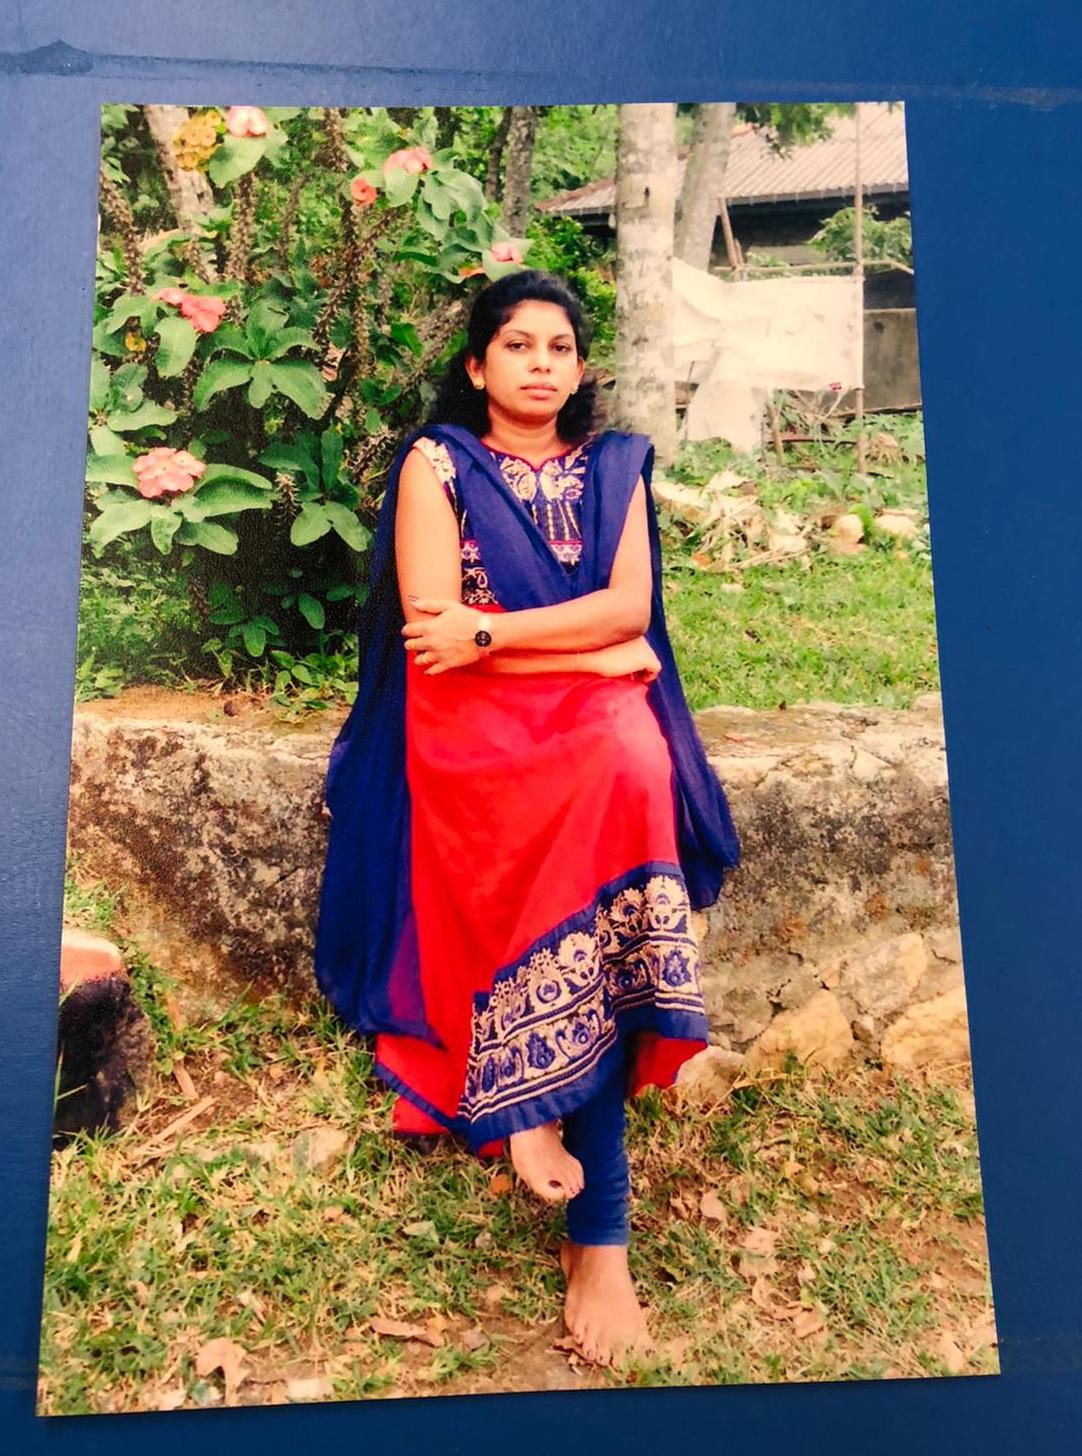 Sri Lankan Fresh Maid - ROSEMEIRI KATHAMARIYAL